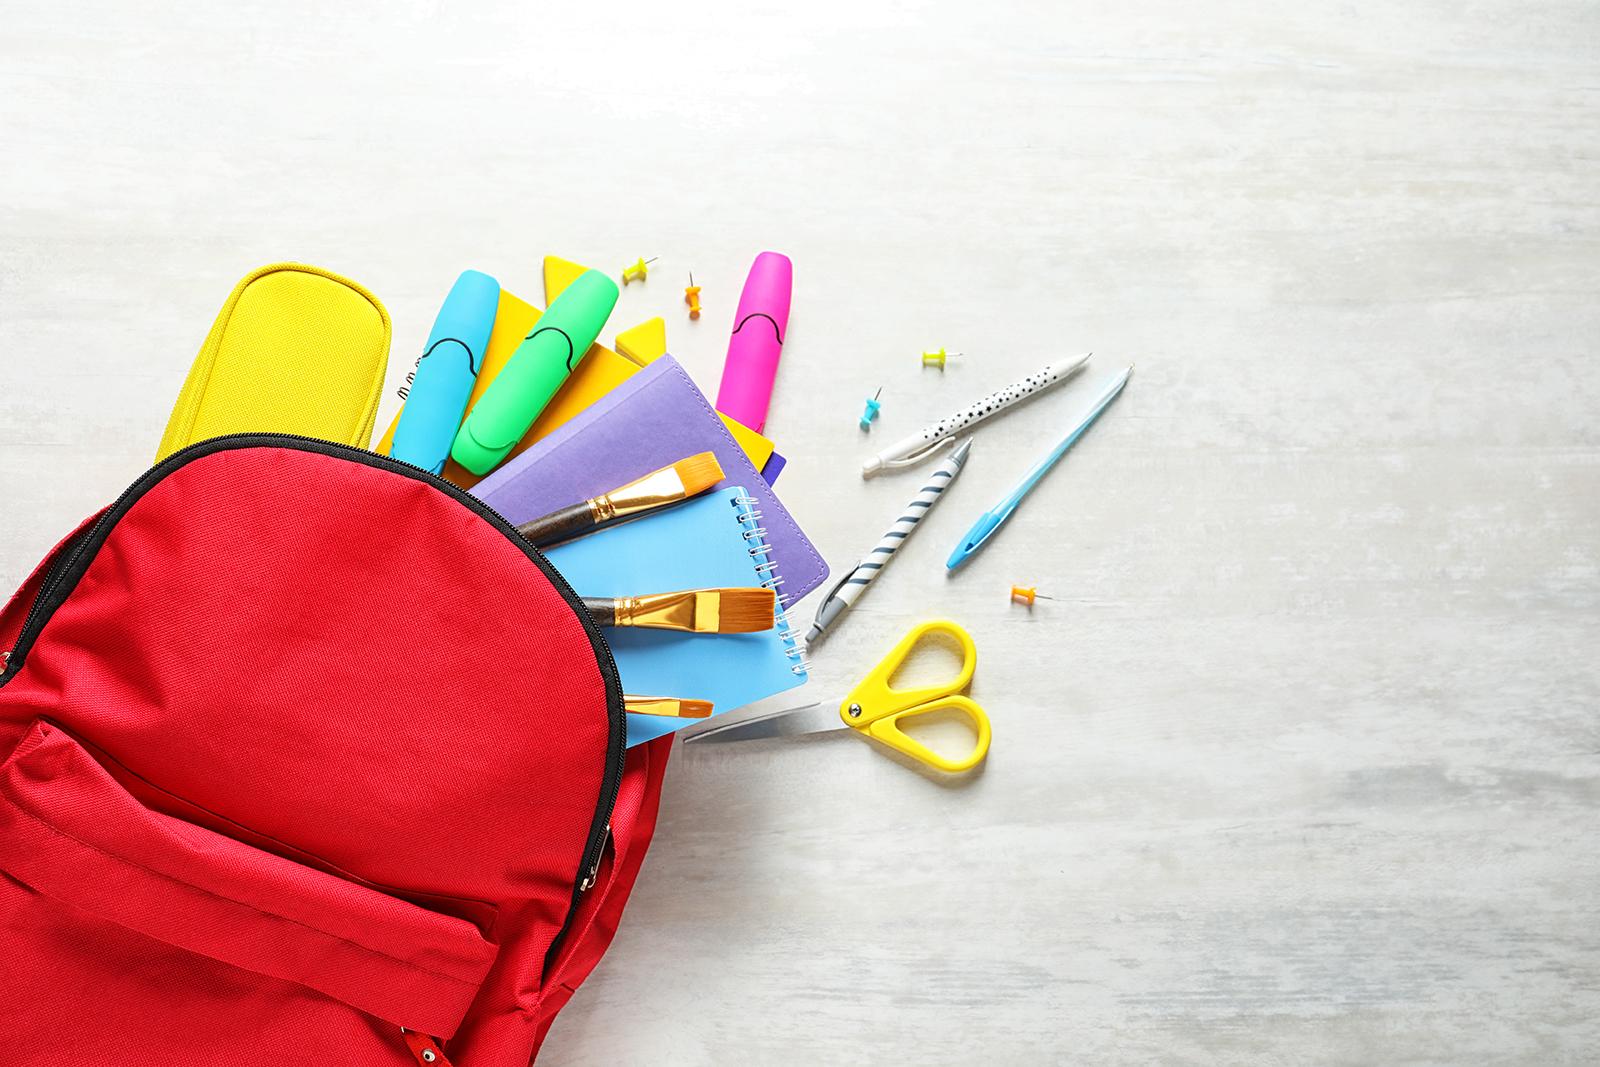 La campagne La Rentrée en beauté aide à combler de grands besoins pour la rentrée scolaire